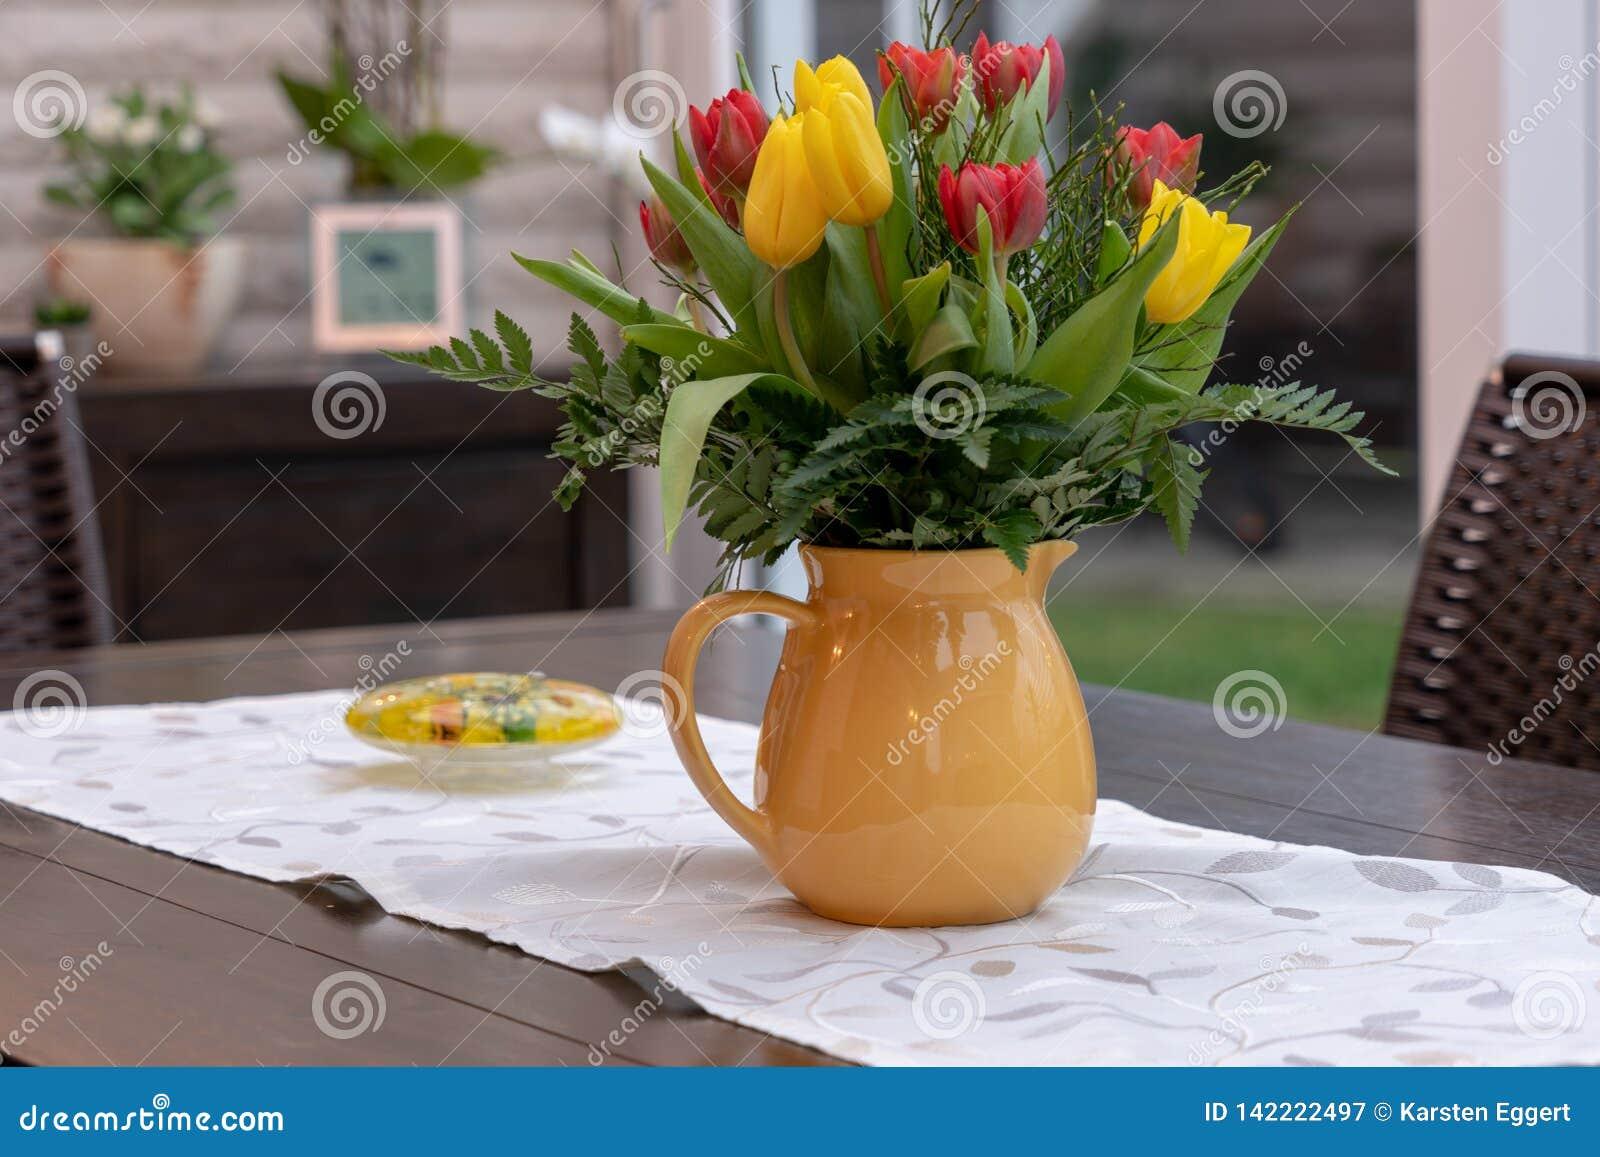 Buketten av färgglade tulpan står i en gul vas